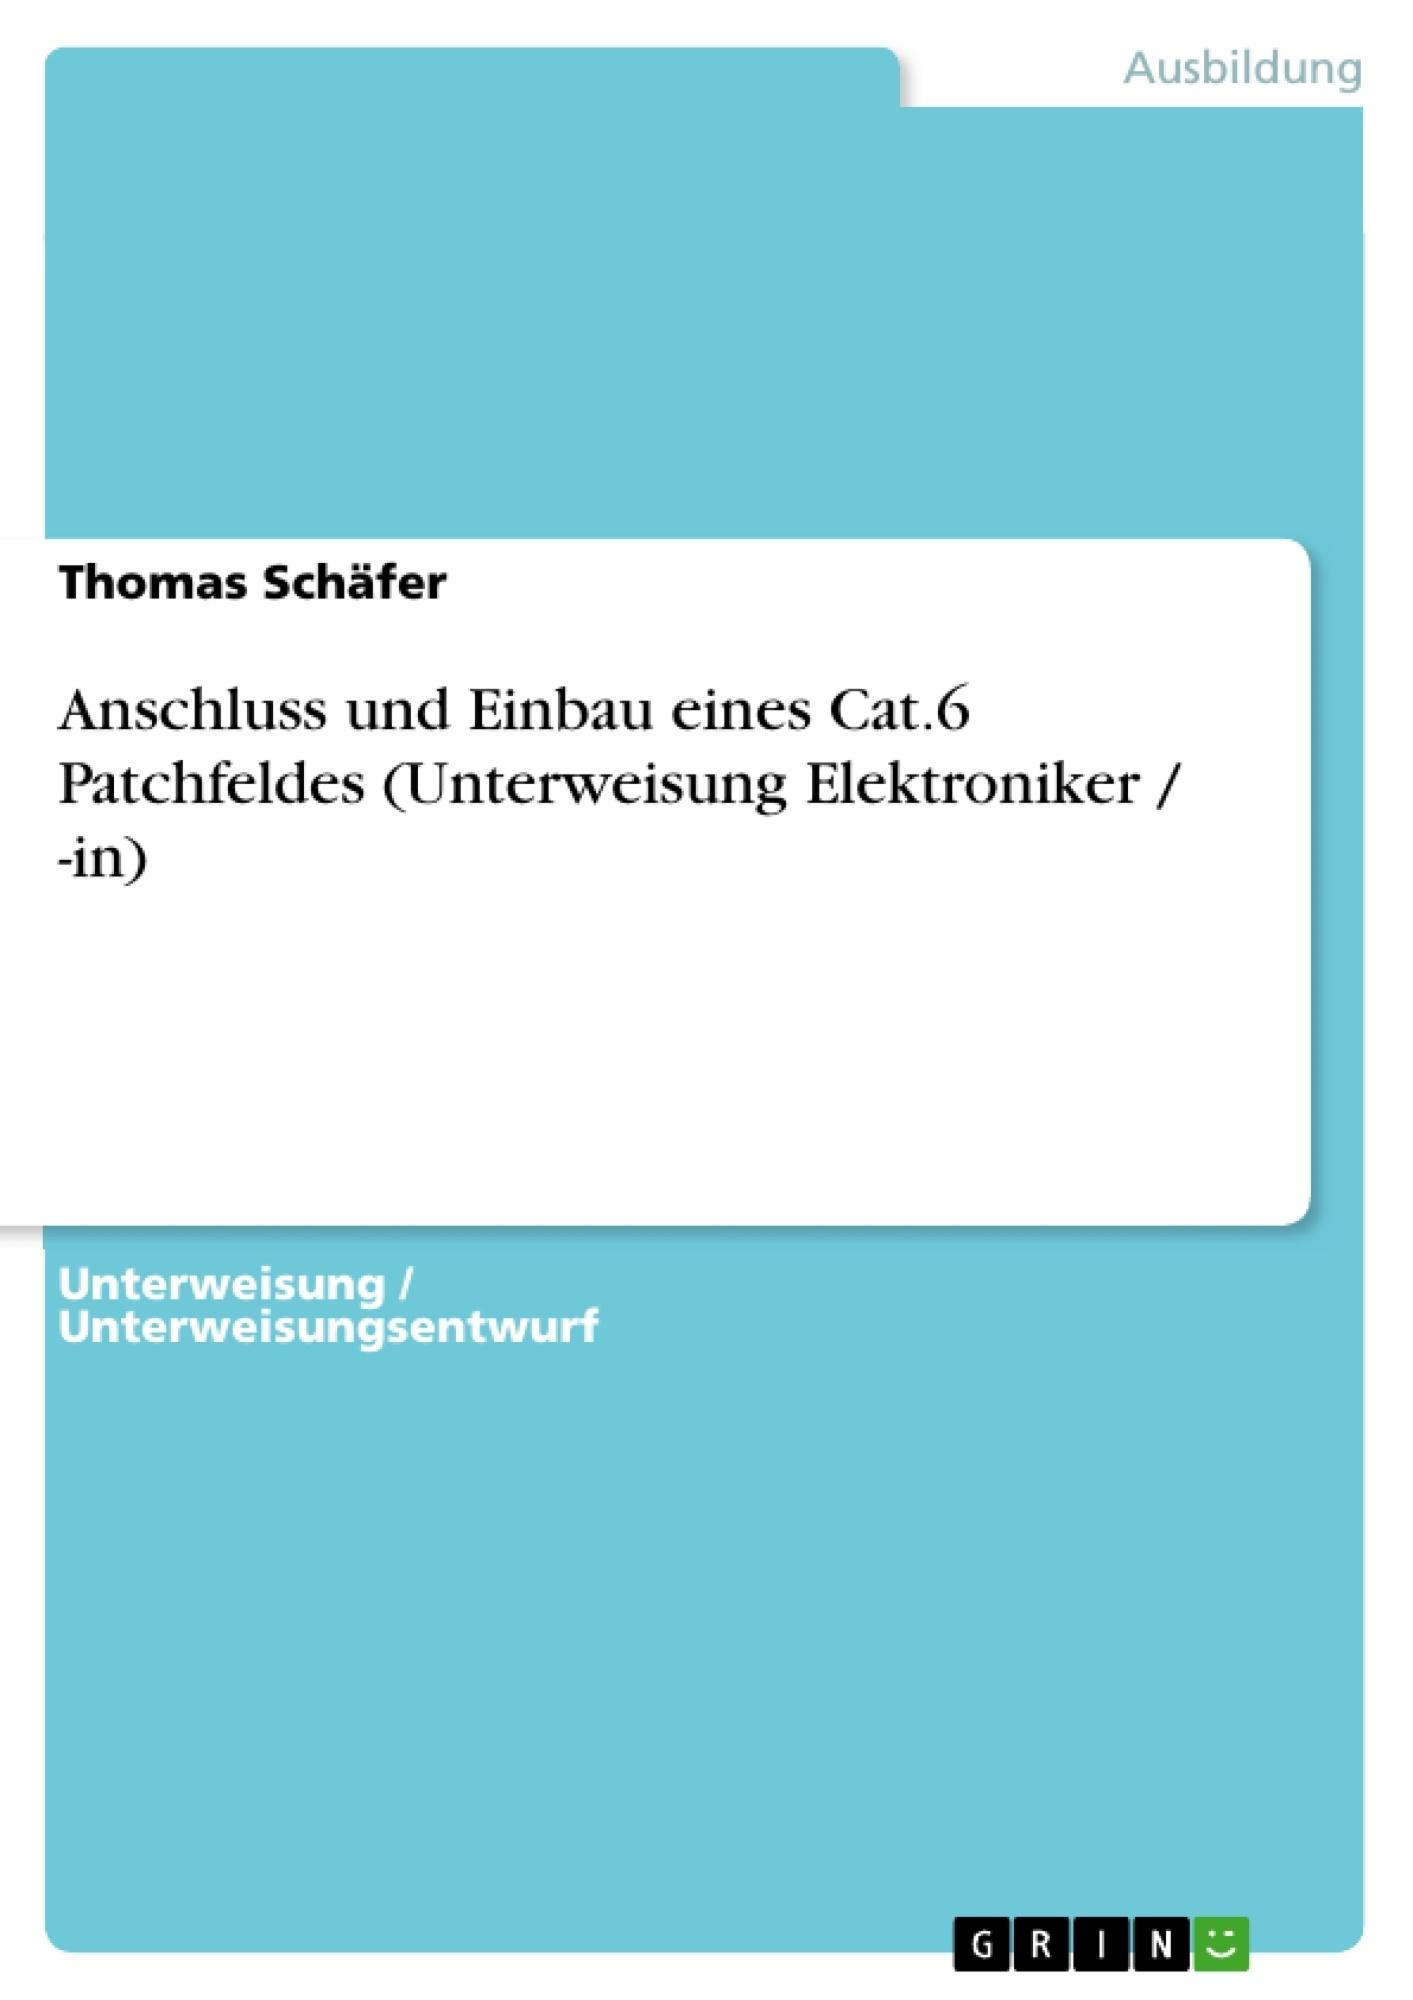 Titel: Anschluss und Einbau eines Cat.6 Patchfeldes (Unterweisung Elektroniker / -in)